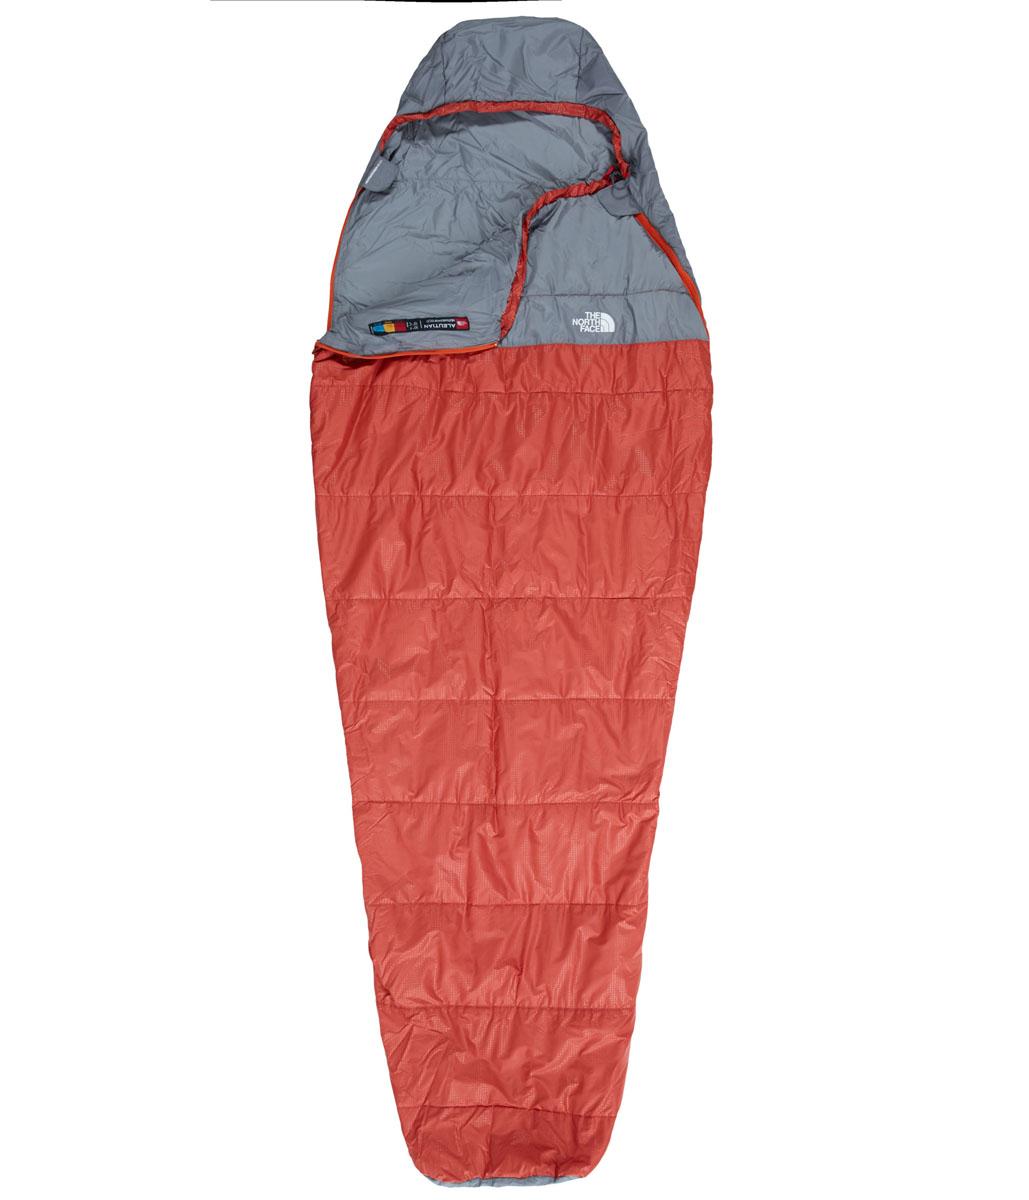 Мешок спальный The North Face Aleutian 50/10, левосторонняя/правосторонняя молния, 77 х 210 смR36956Спальный мешок The North Face Aleutian 50/10 -незаменимая вещь для любителей уюта и комфорта во время активного отдыха. Прекрасно подходит для прохладной погоды, его можно целиком расстегнуть и расстелить в качестве пола в палатке. Спальный мешок закрывается на двустороннюю застежку-молнию. Этот спальный мешок очень вместительный, универсальный, теплый, комфортный и при этом практичный. Спальный мешок упакован в удобный чехол для переноски.